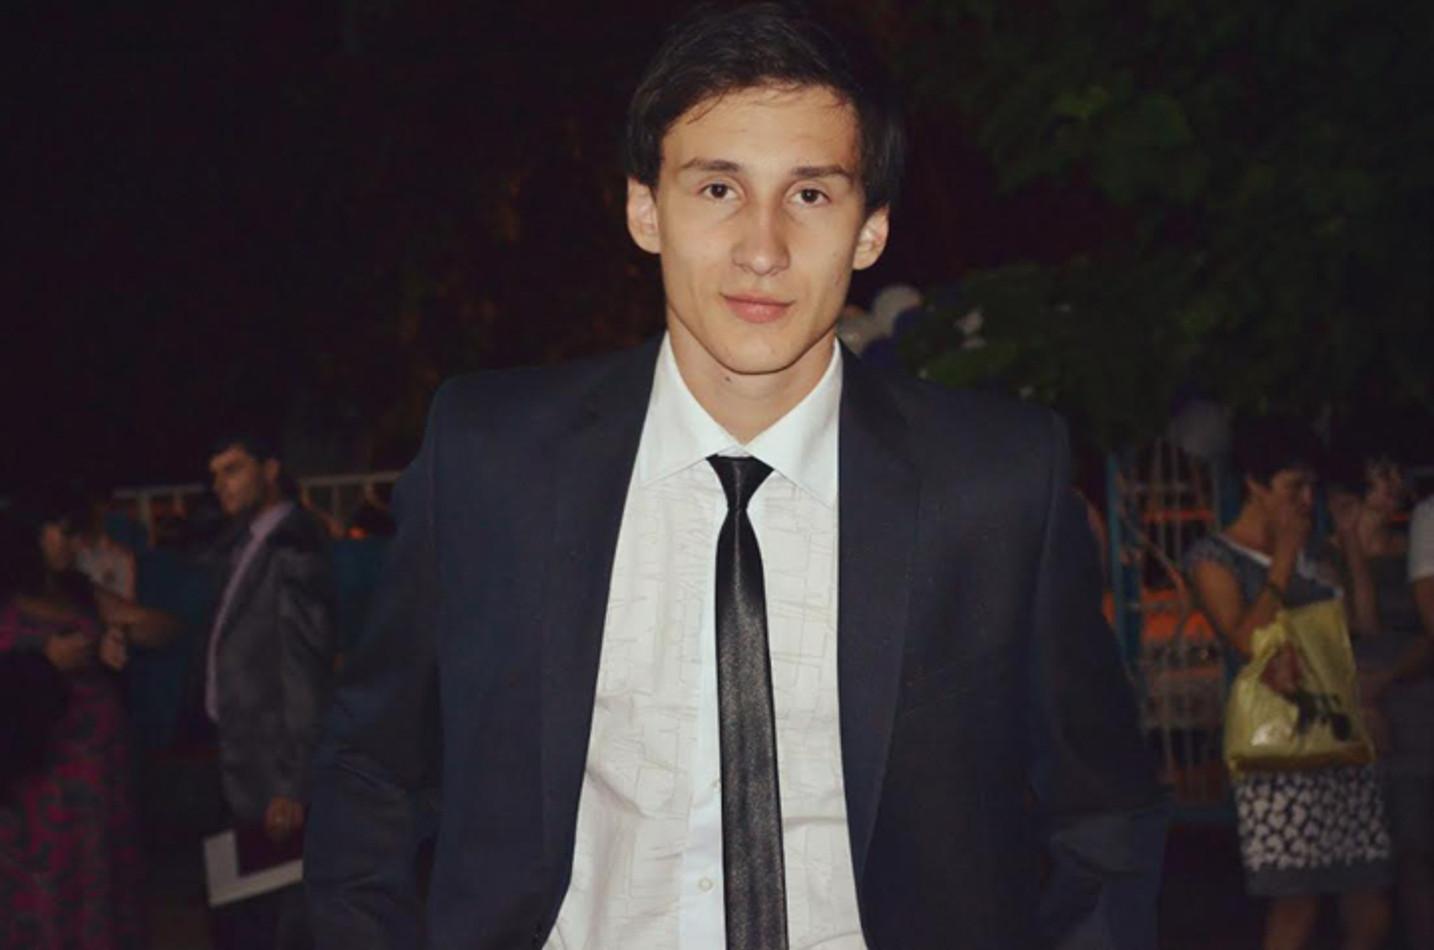 Dmitriy Voloshchuk